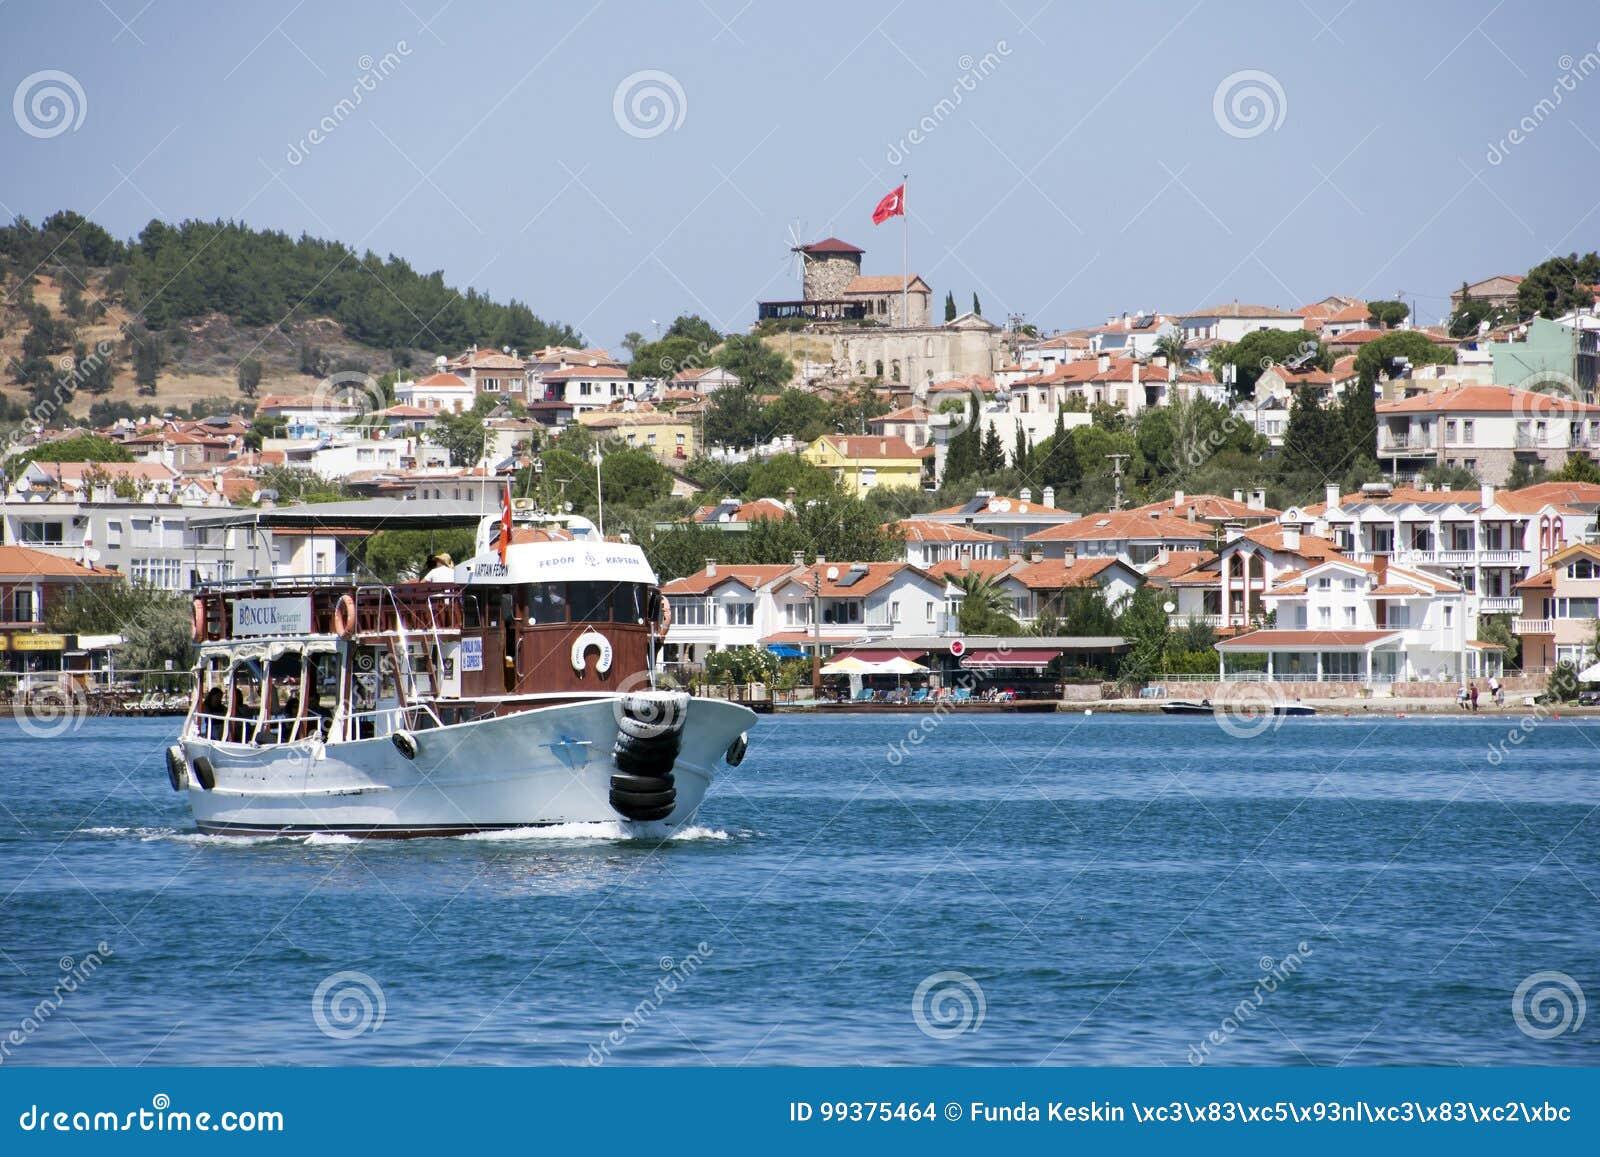 Una nave turística con el molino de viento de piedra en Ayvalik, Turquía